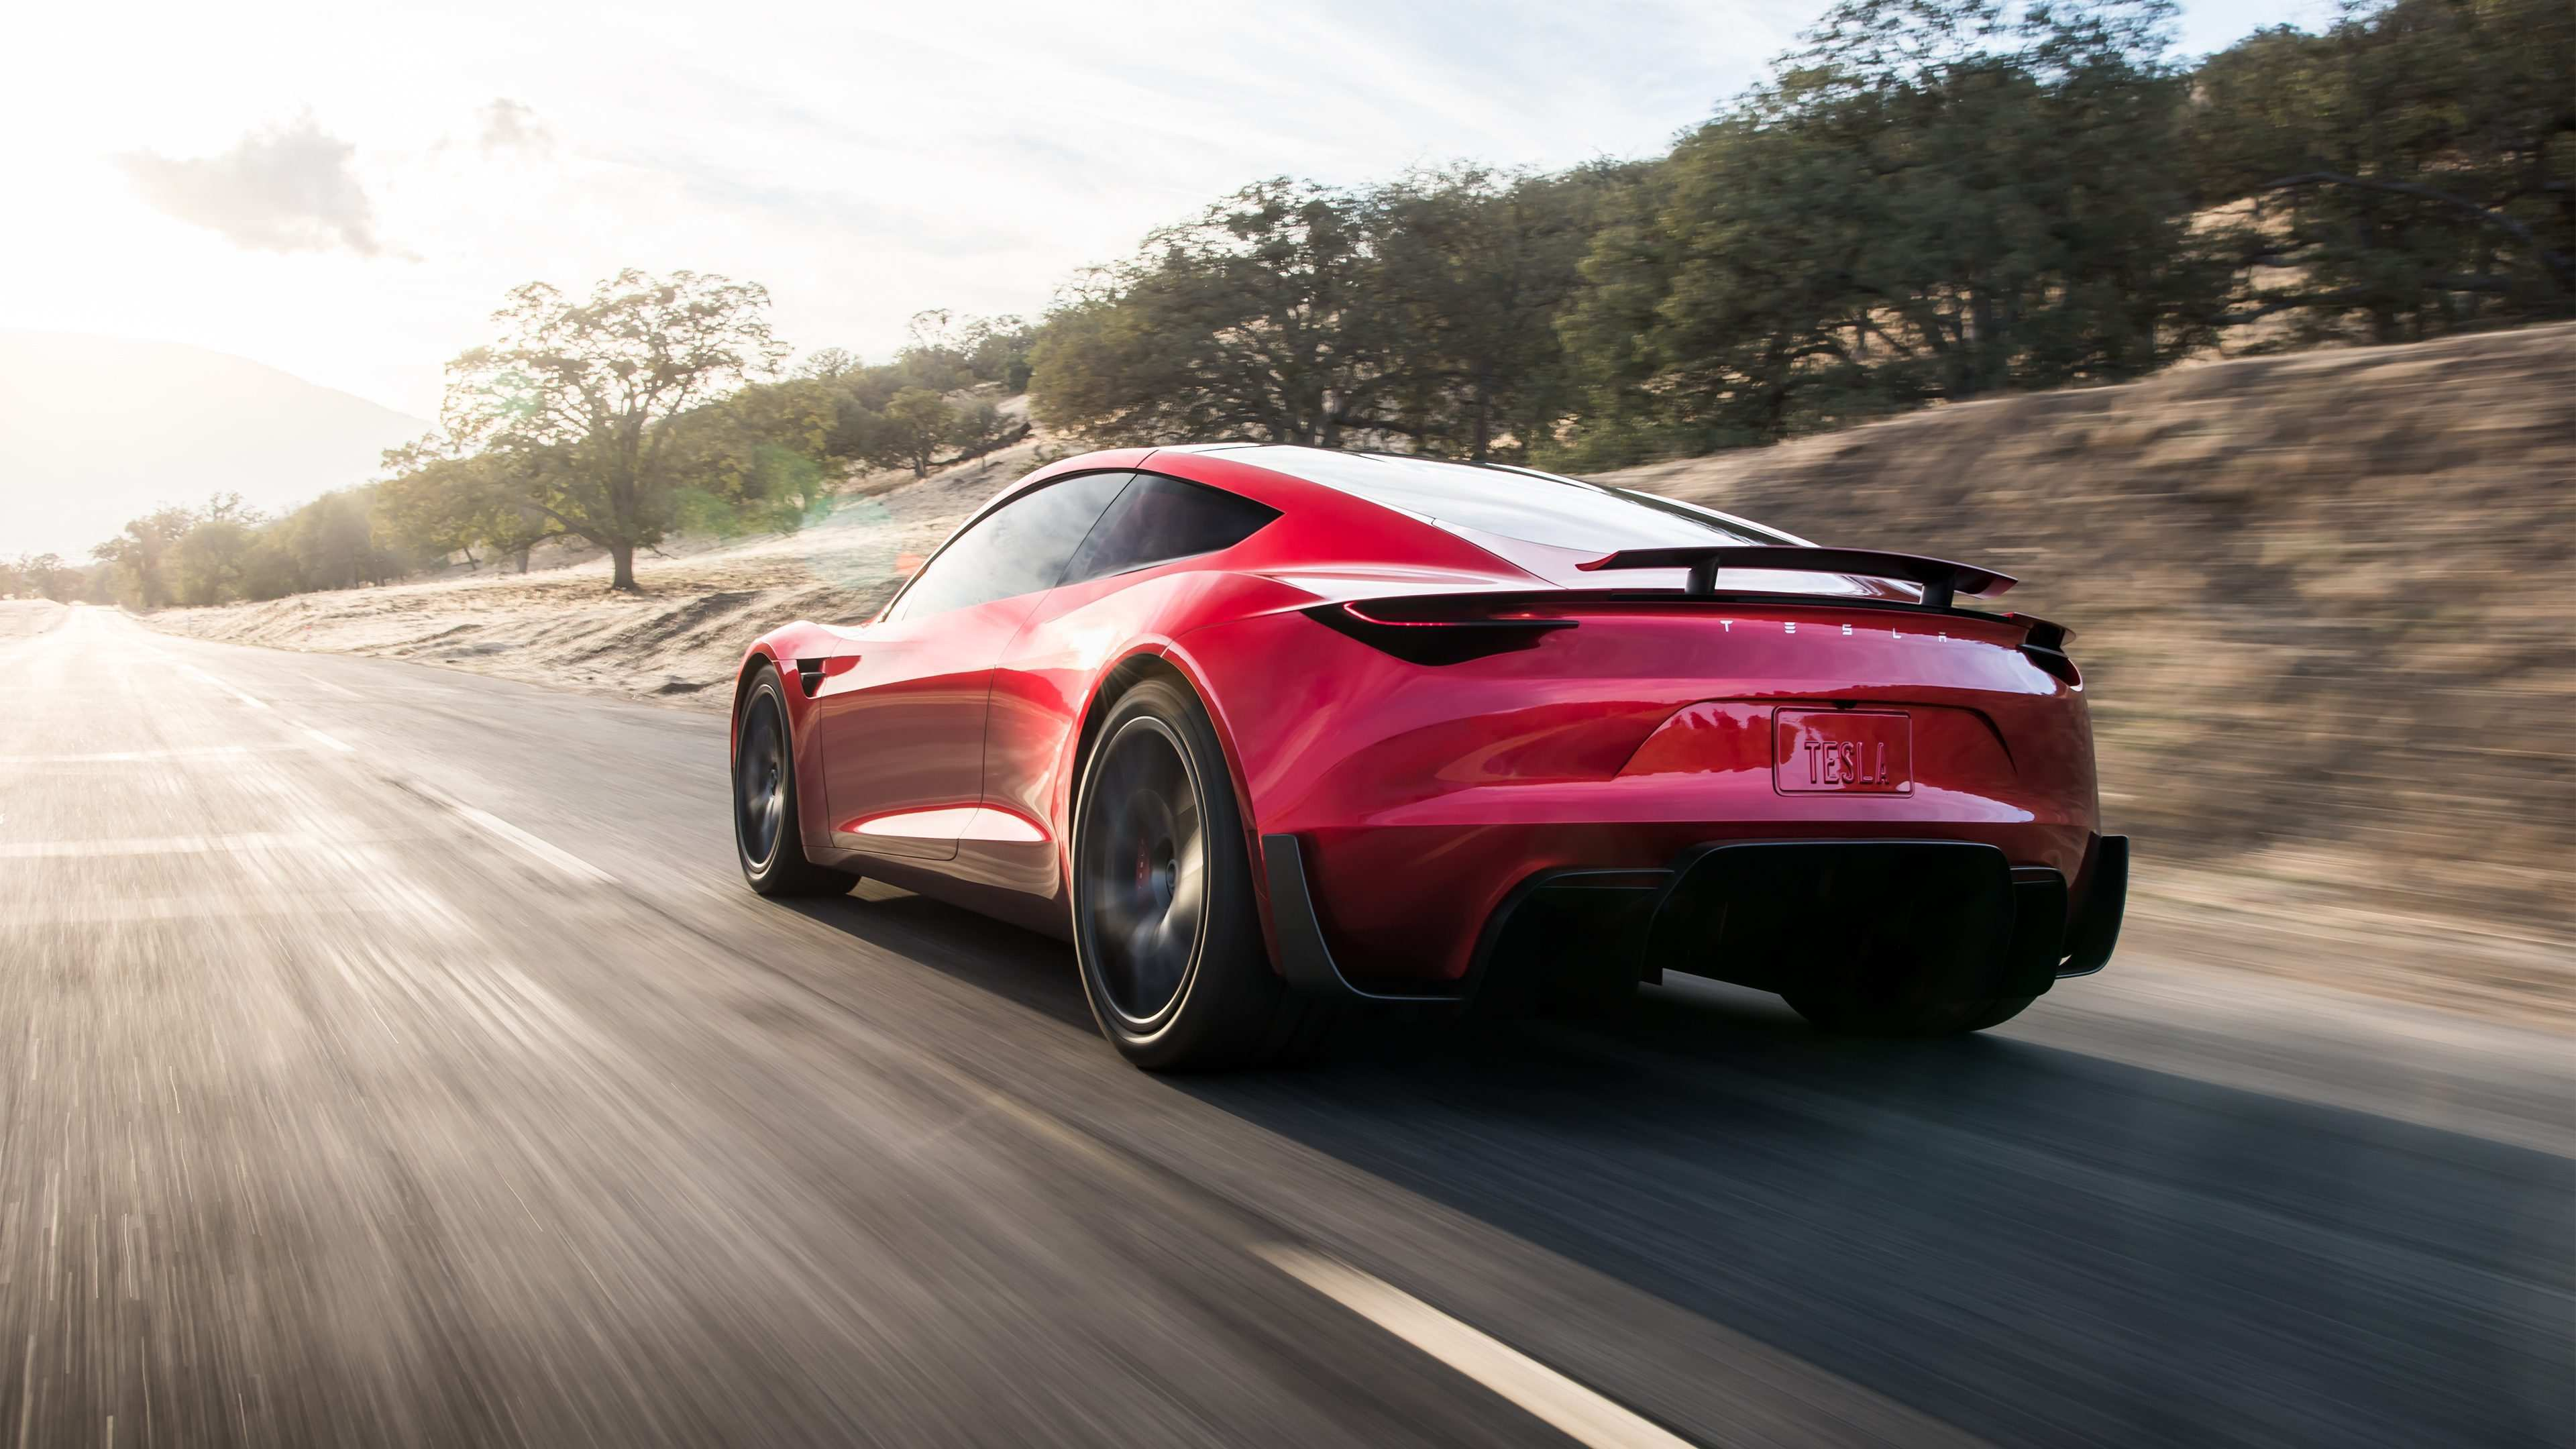 95 Great 2020 Tesla Roadster Battery Speed Test by 2020 Tesla Roadster Battery